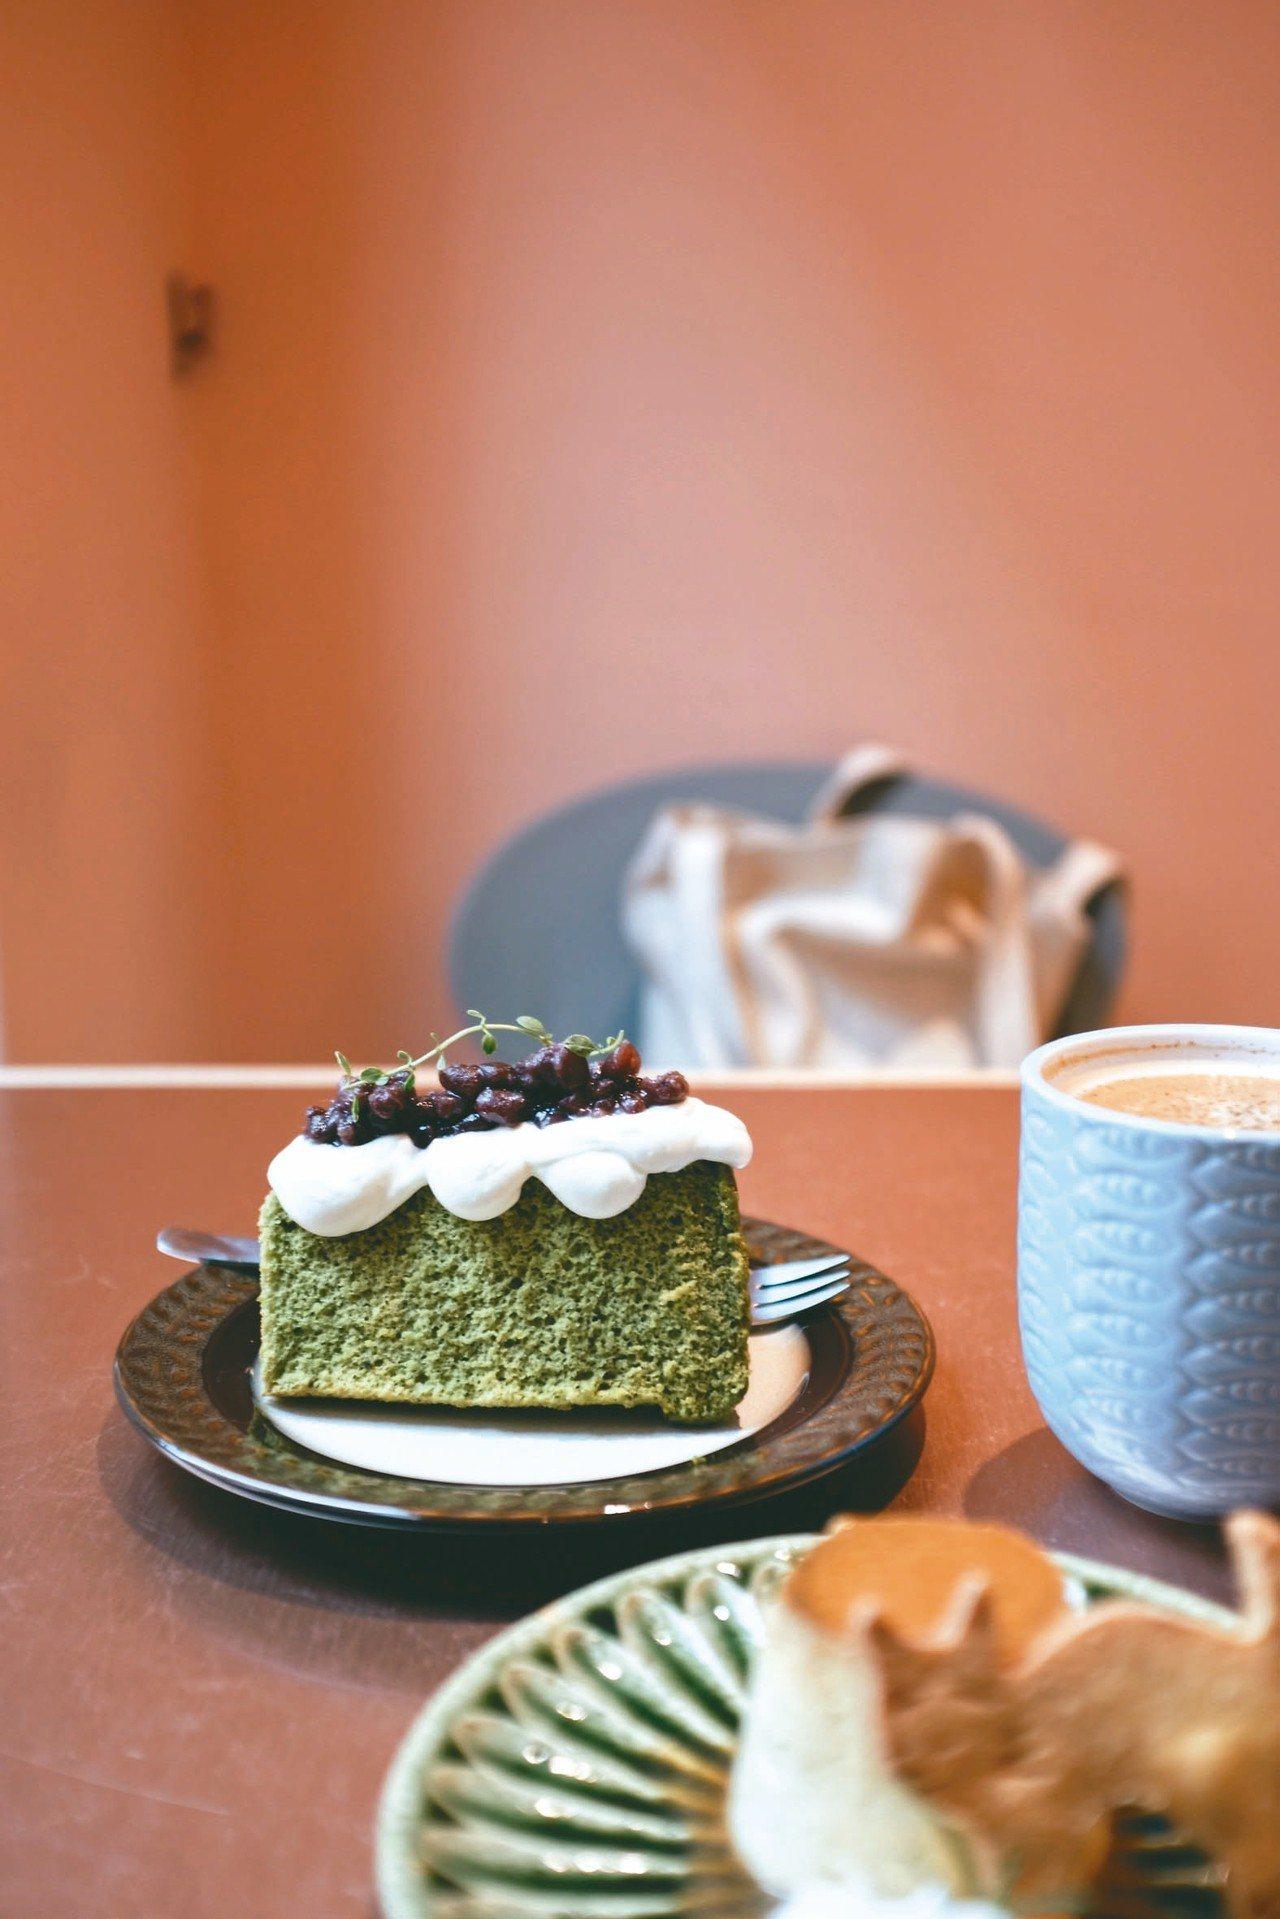 貓的生活提案新甜點「小山園抹茶戚風」。 記者沈佩臻/攝影